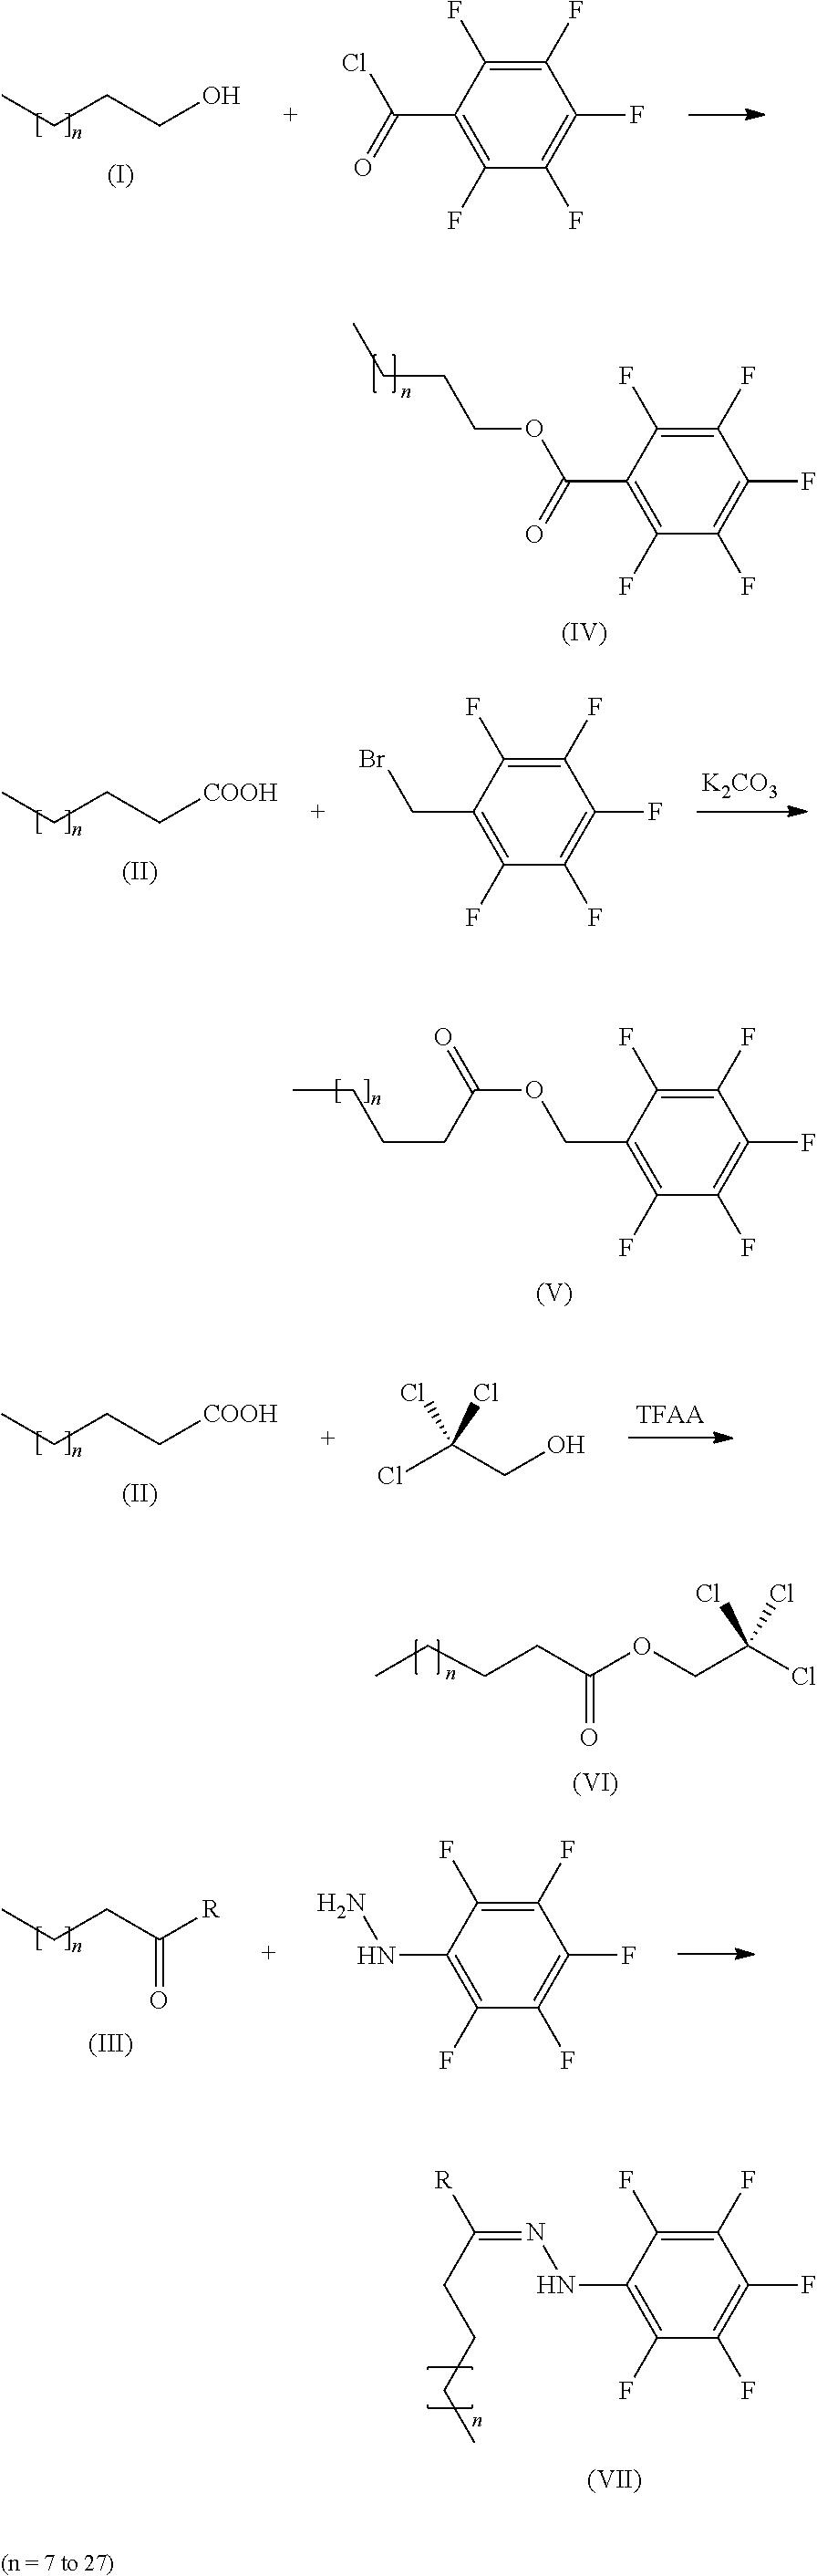 Figure US09322269-20160426-C00001